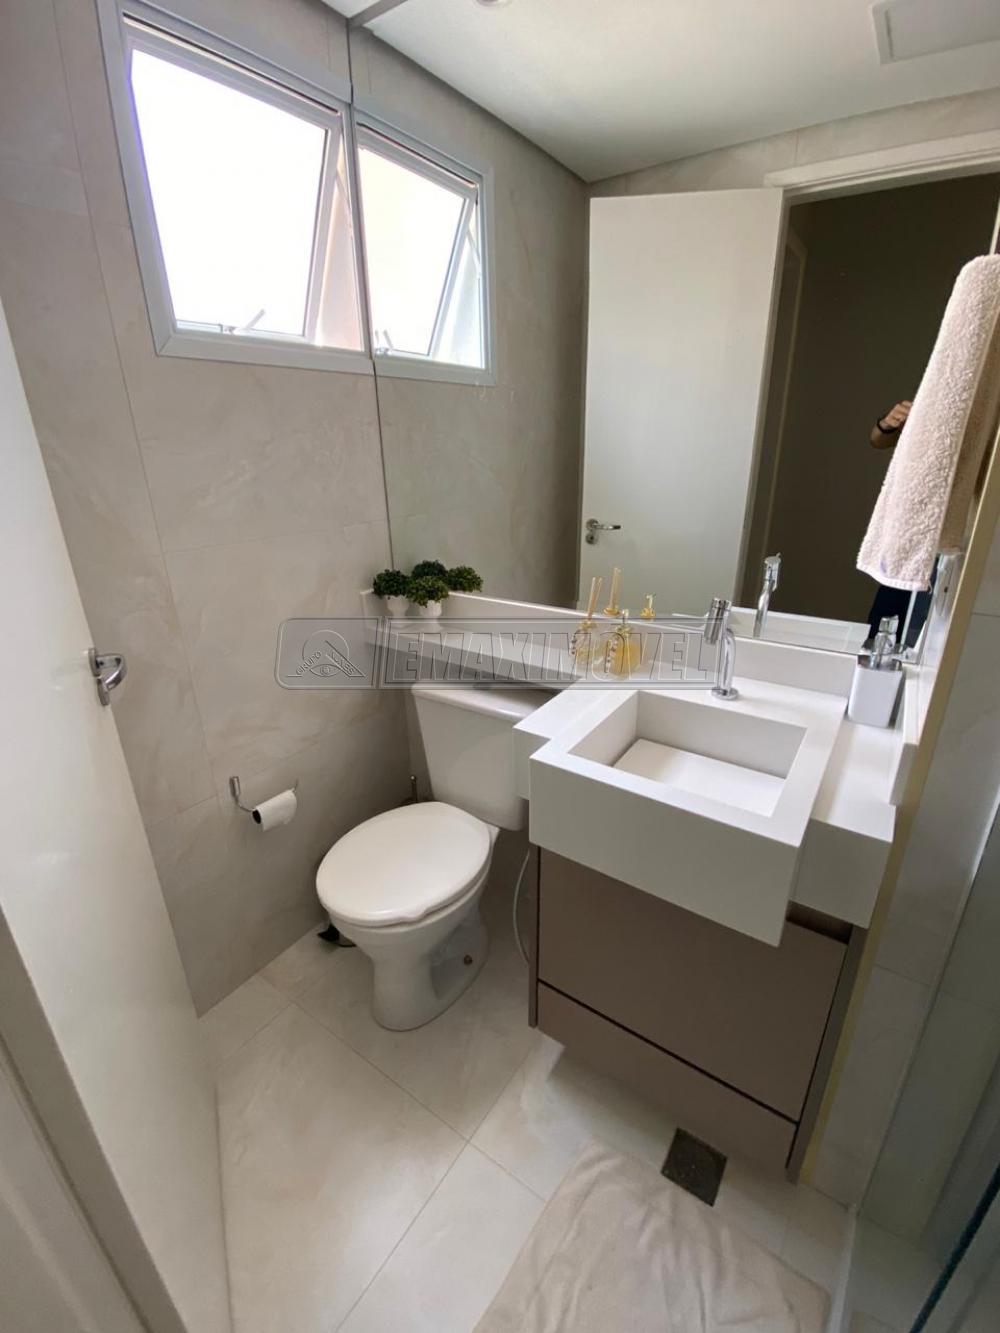 Comprar Apartamentos / Apto Padrão em Sorocaba apenas R$ 290.000,00 - Foto 4